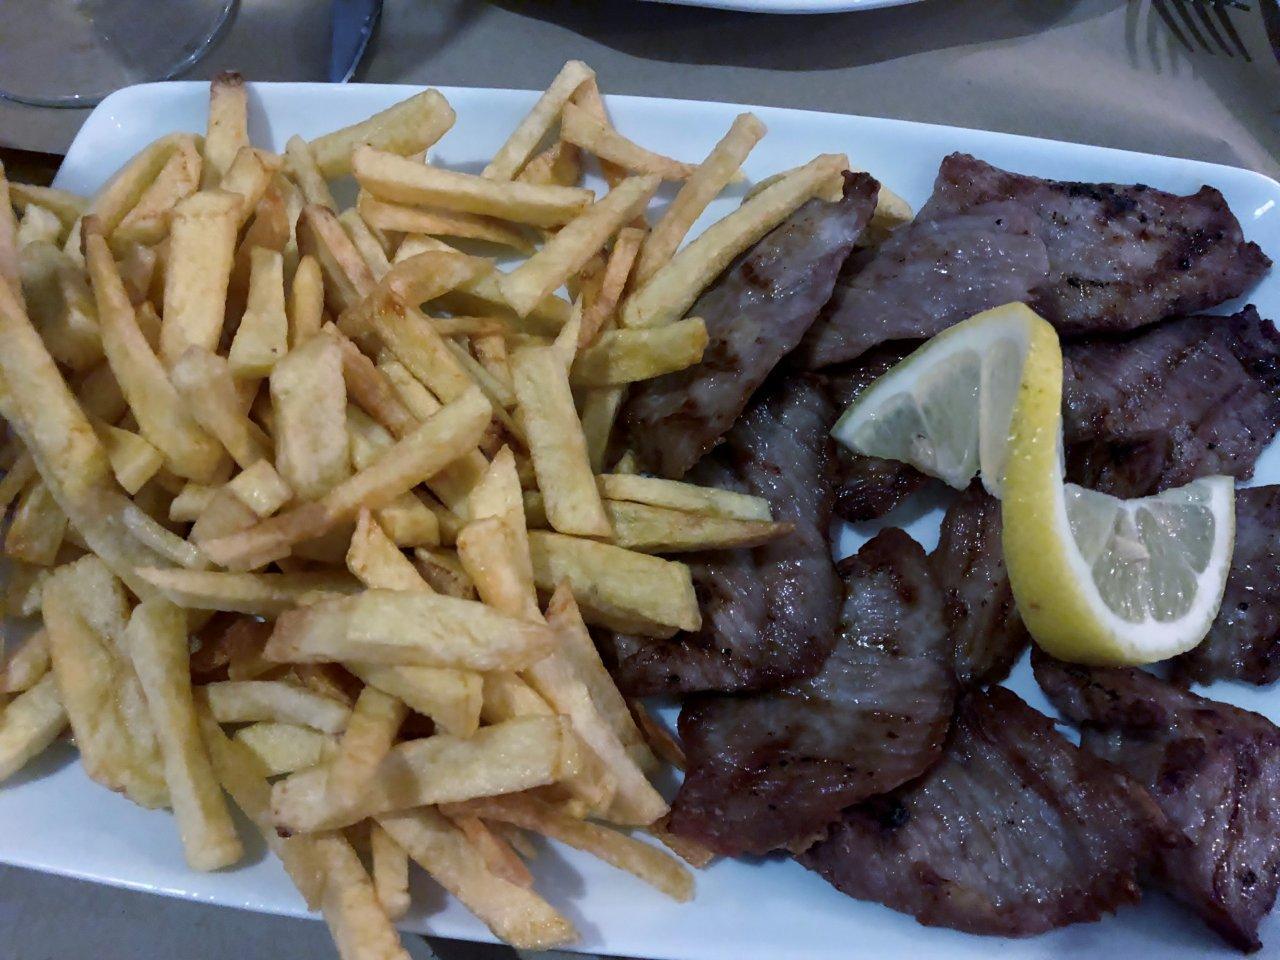 Restaurante porco preto e tinto restaurante porco preto e tinto Restaurante Porco Preto e Tinto Restaurante porco preto e tinto 5